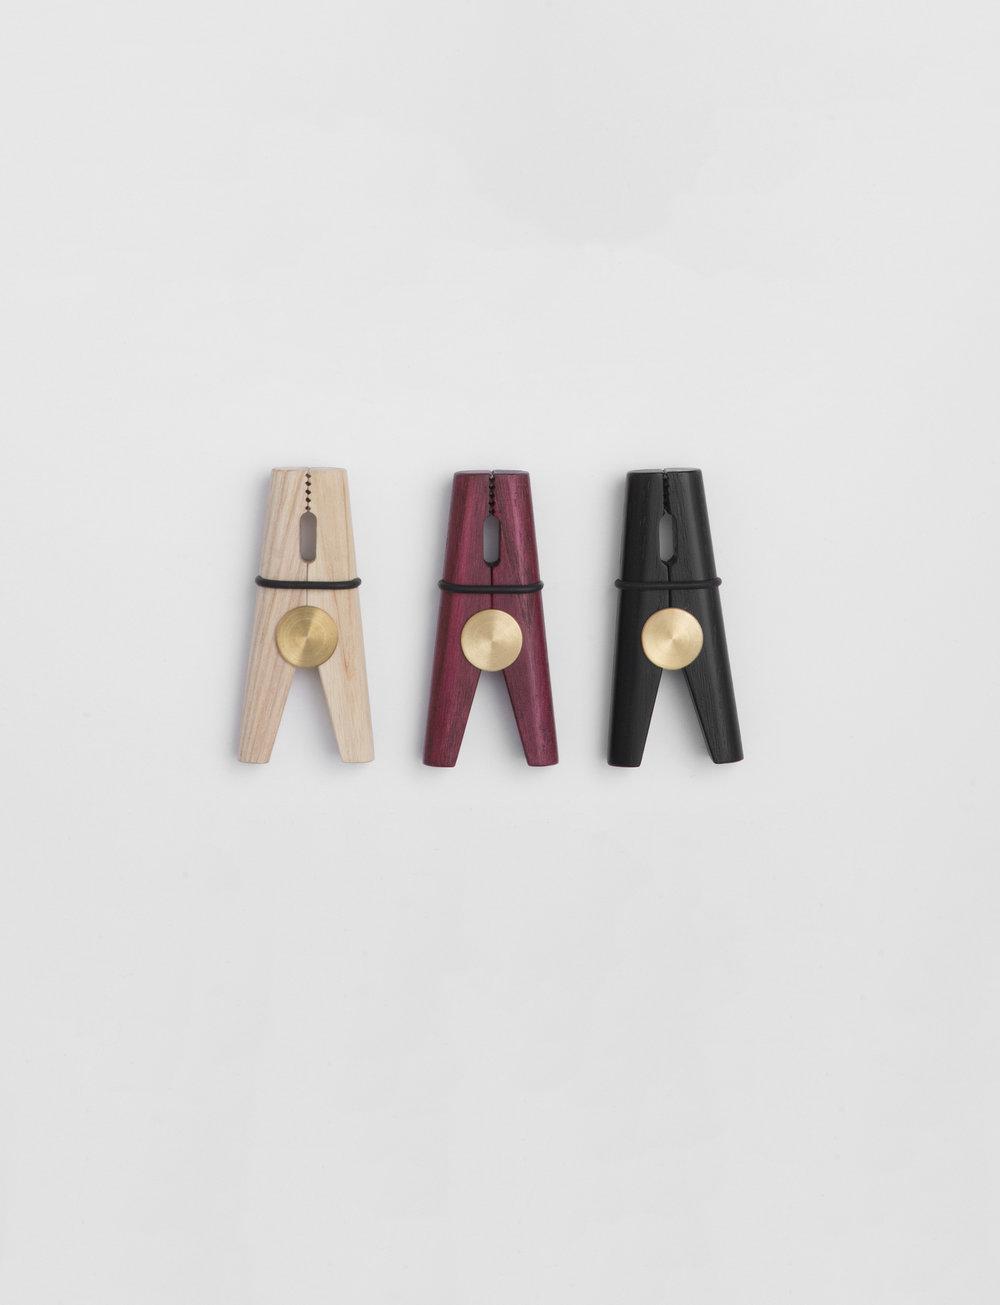 Gabriel Tan_Clothes pin 1.jpg